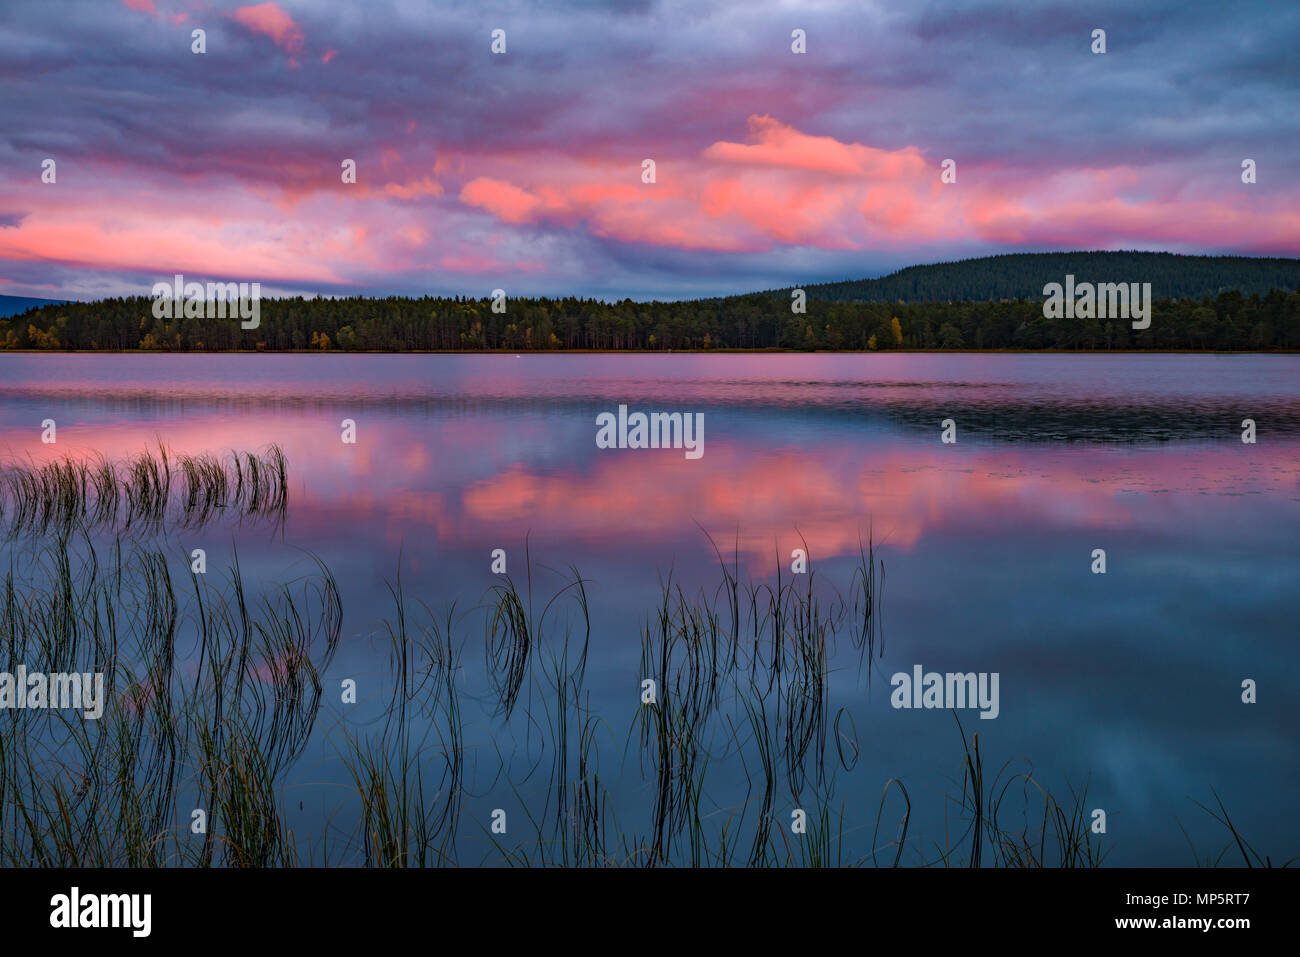 Loch Garten sunset, Cairngorms National Park, Scotland, UK - Stock Image